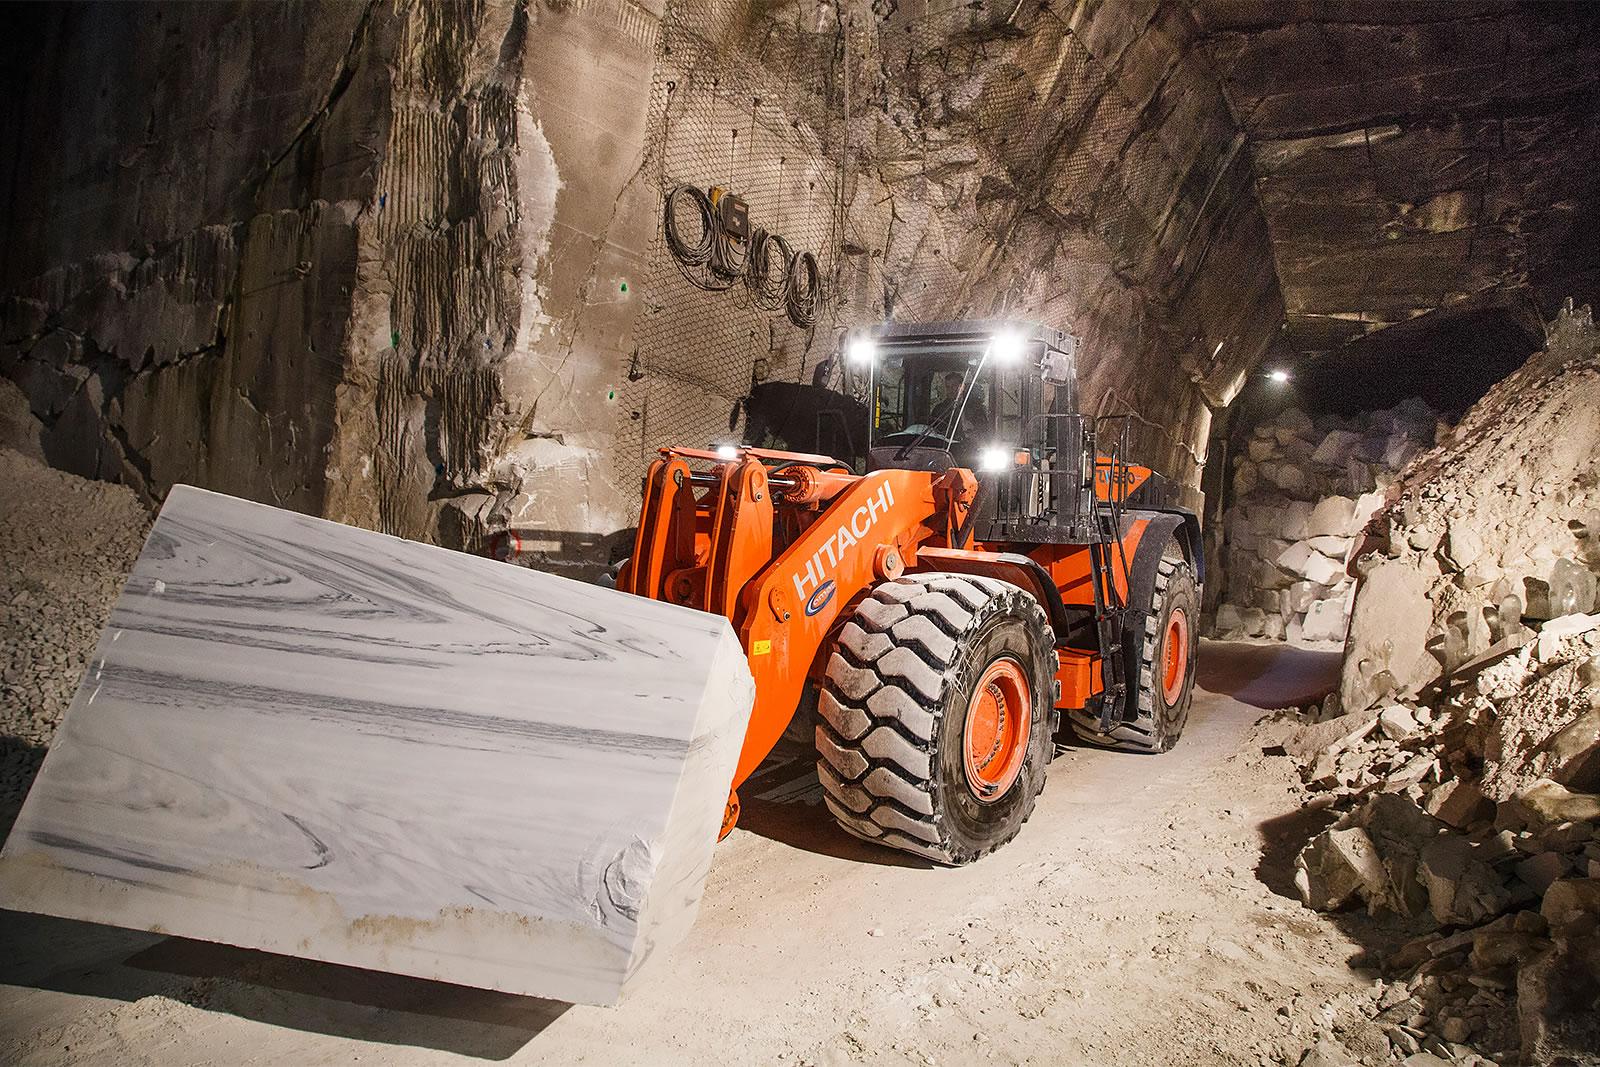 Hitachi ZW550-5 wheel loader in passageway